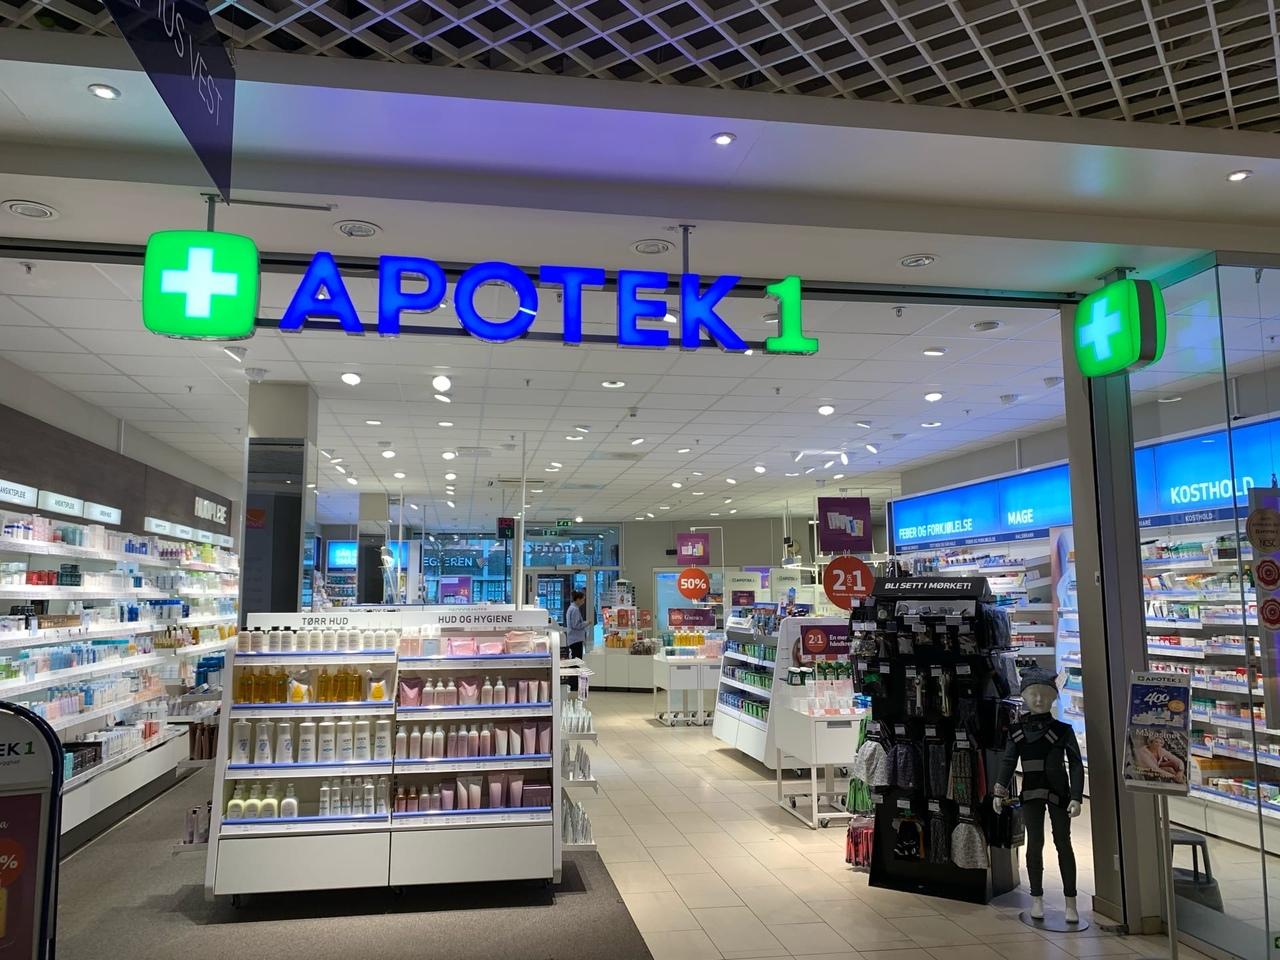 Так выглядит аптека в Норвегии